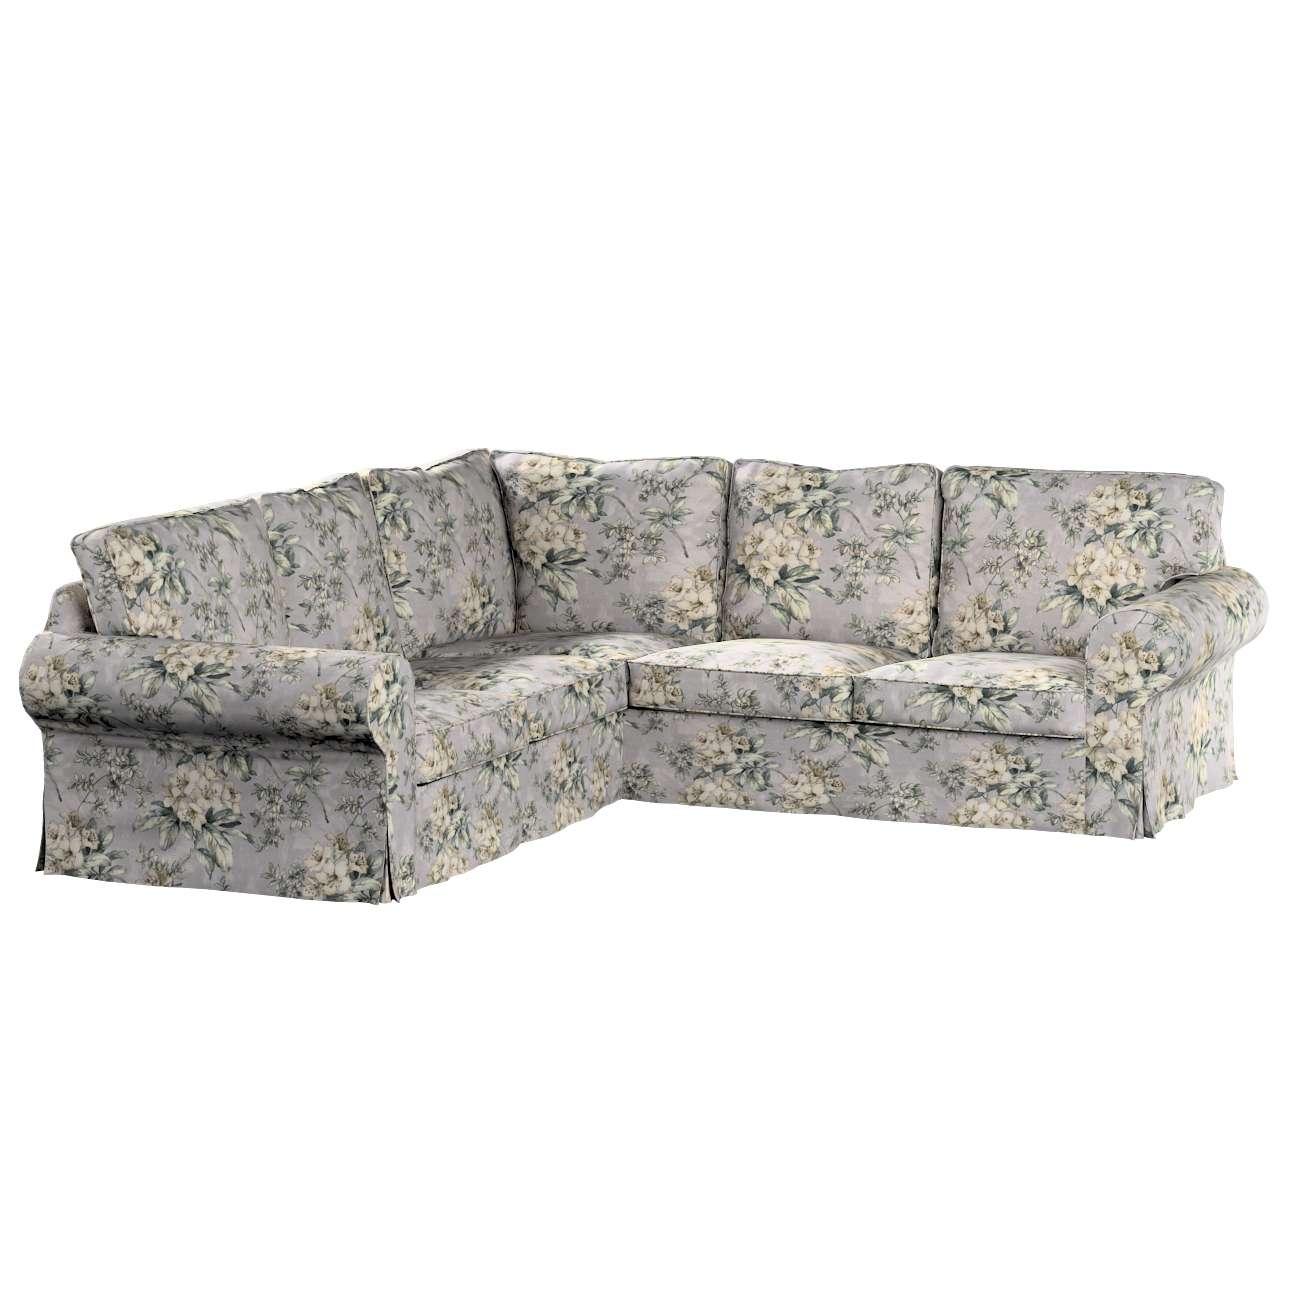 Pokrowiec na sofę narożną Ektorp w kolekcji Londres, tkanina: 143-36